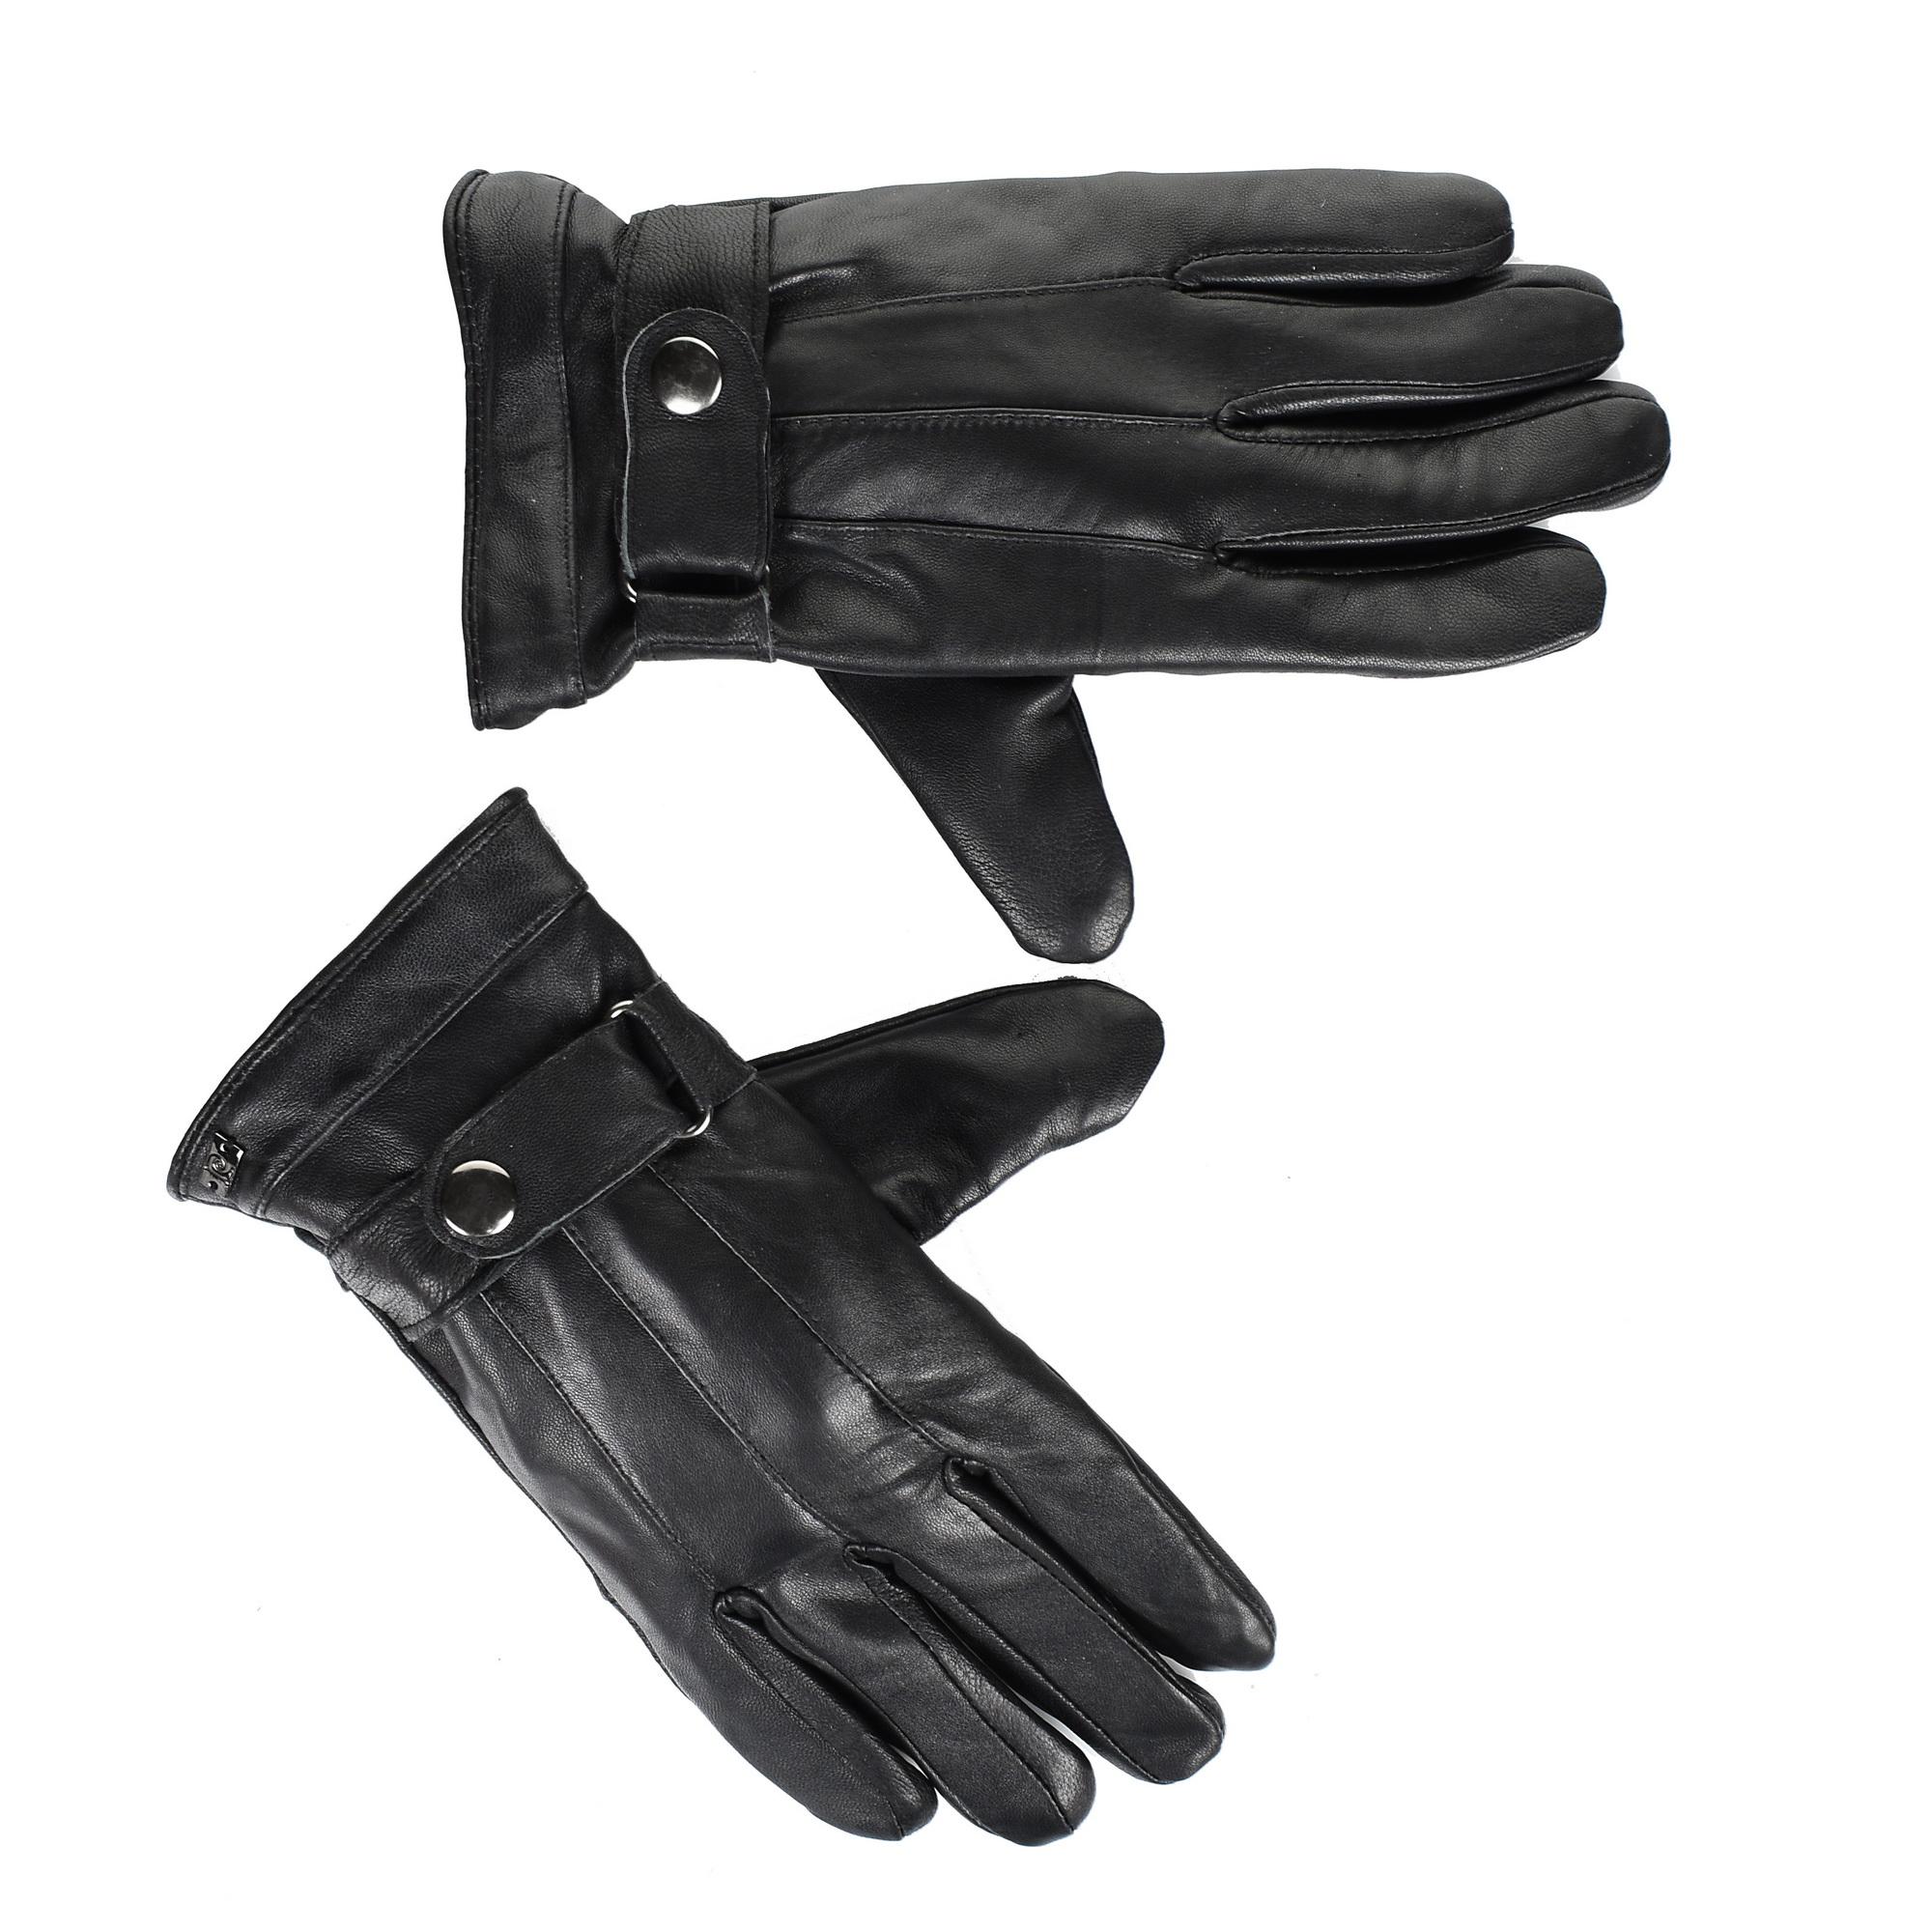 Δερμάτινα Γάντια Pierre Cardin PC.G960 γυναικα   αντρικό γάντι